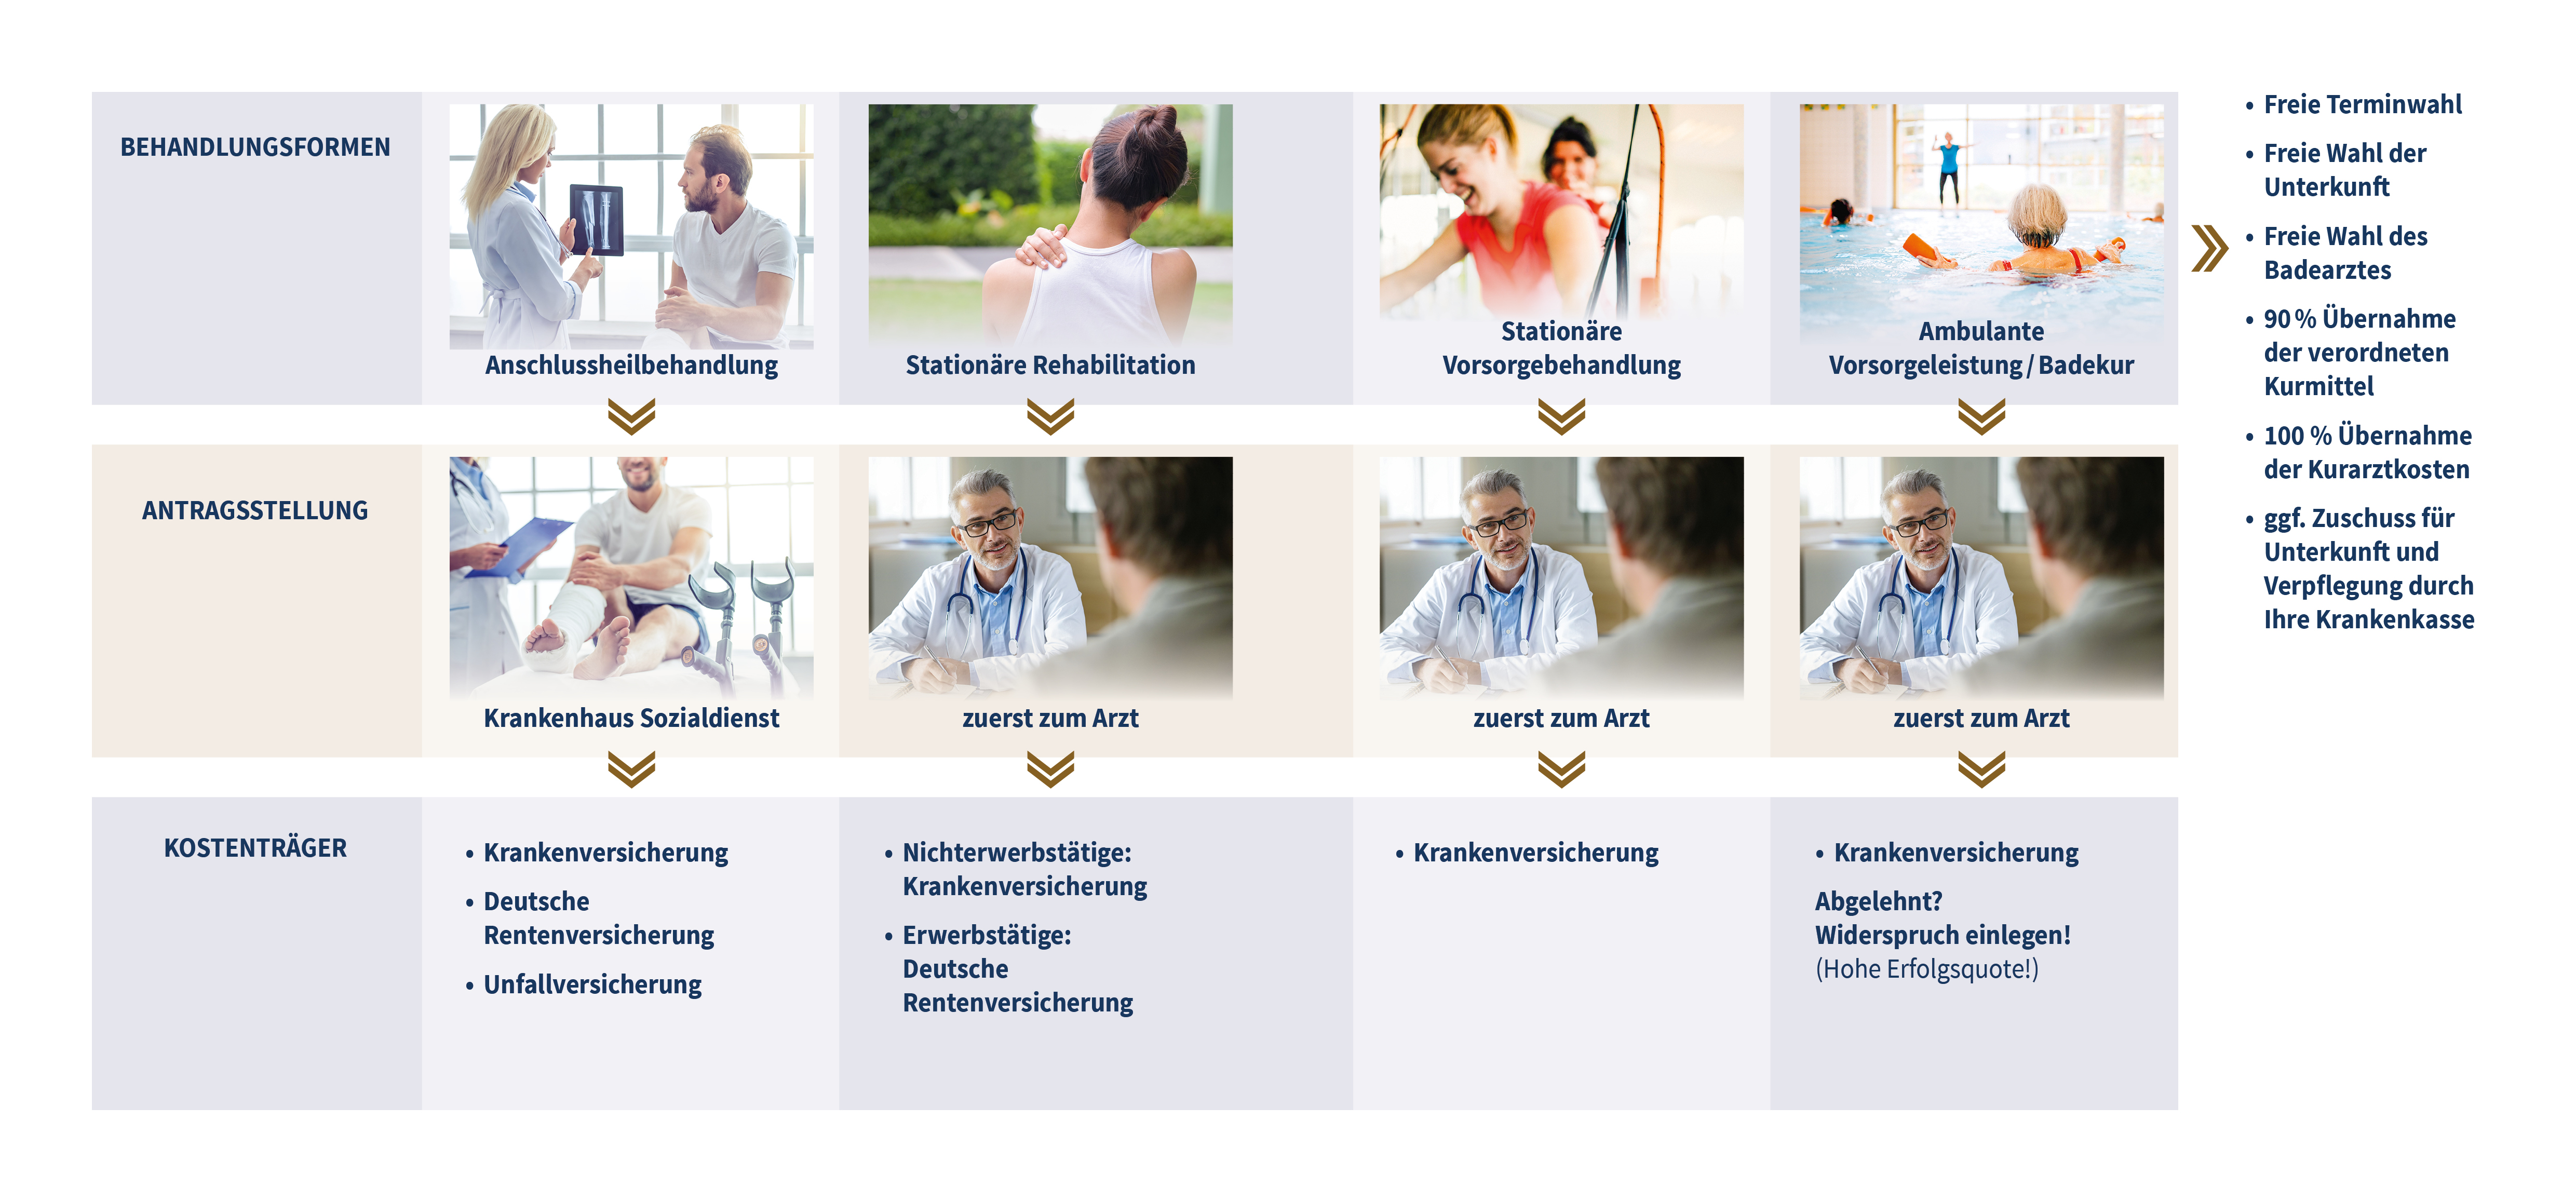 Von den unterschiedlichen Behandlungsformen über die Antragstellung bis hin zu den Kostenträgern - hier finden Sie alle Schritte im Überblick.